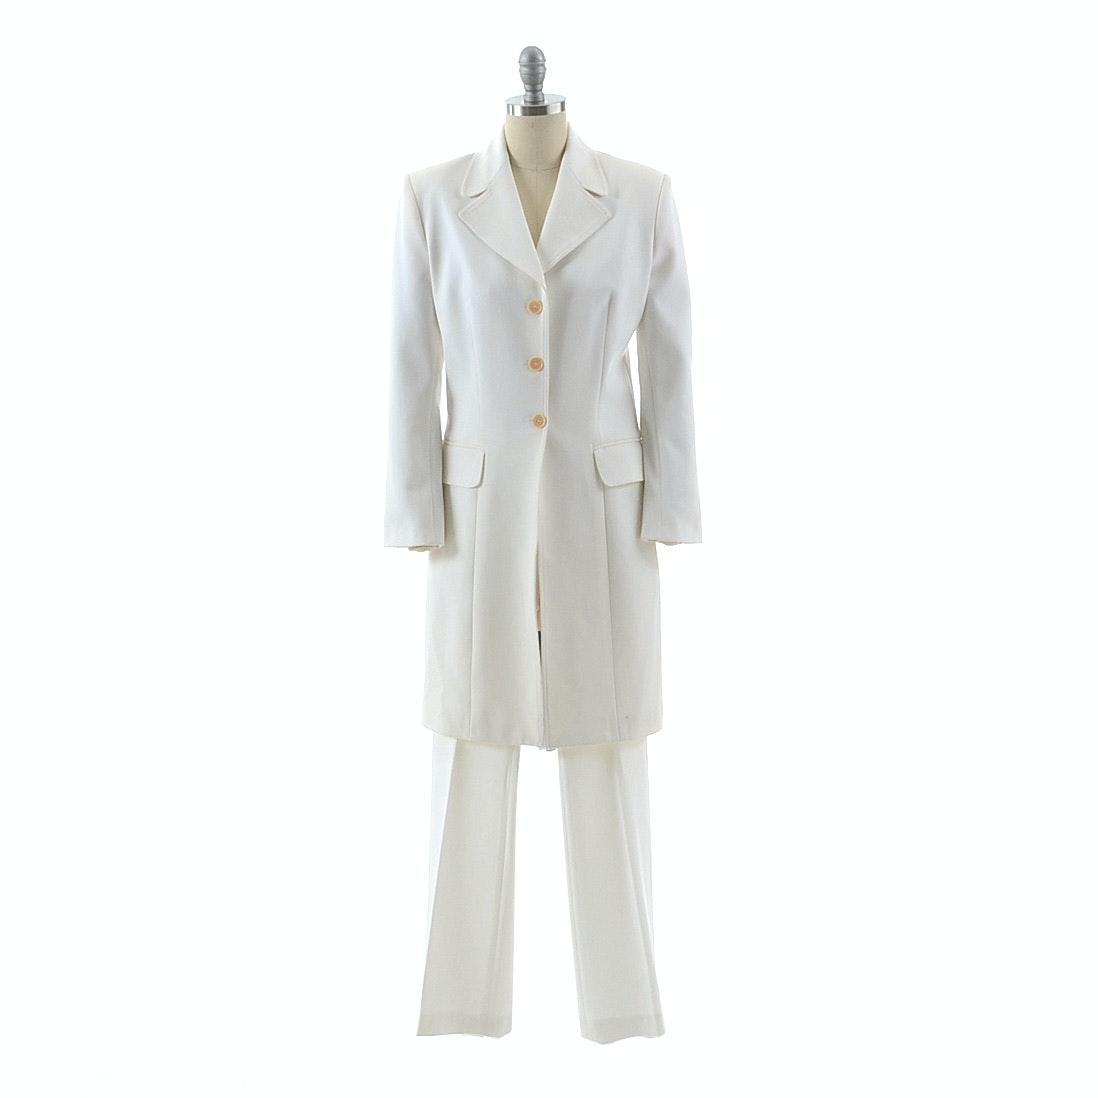 Vertigo of Paris Long Blazer Walker Coat and Trousers Set